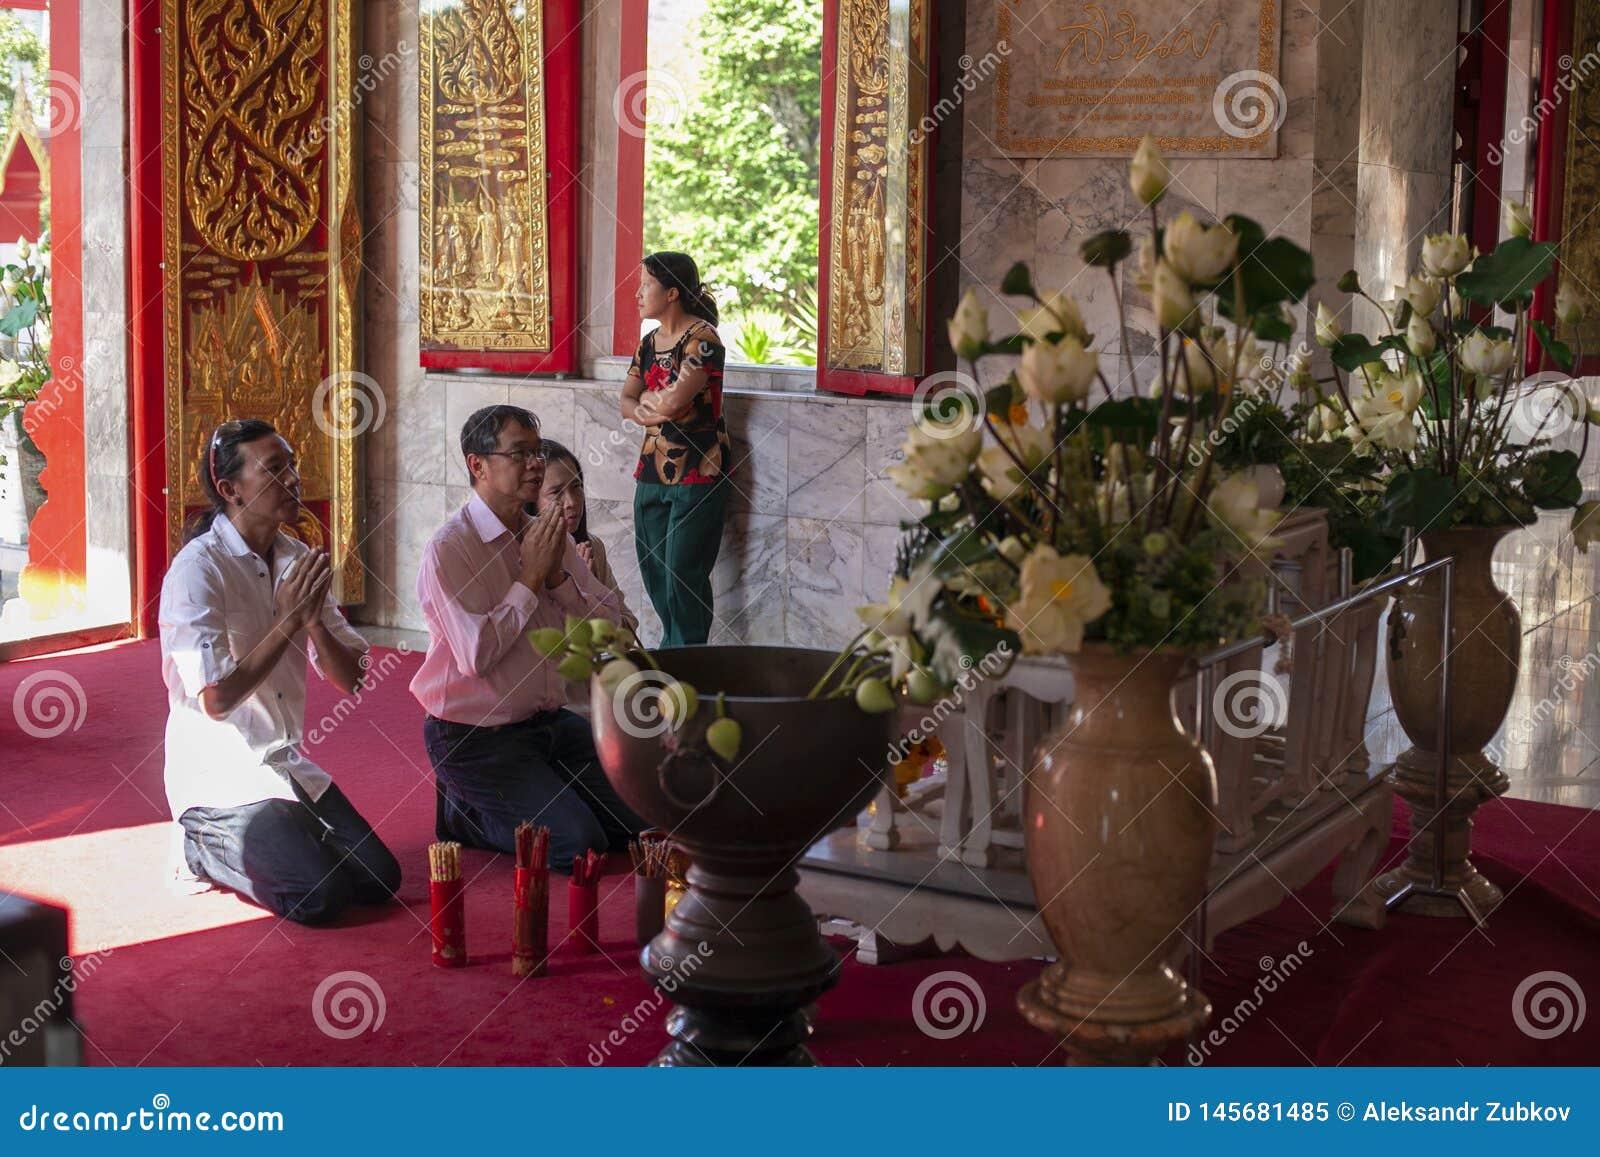 Thailand, Phuket, 01 18 2013 Ein Mann und seine Familie beten in einem buddhistischen Tempel morgens Das Konzept der Religion